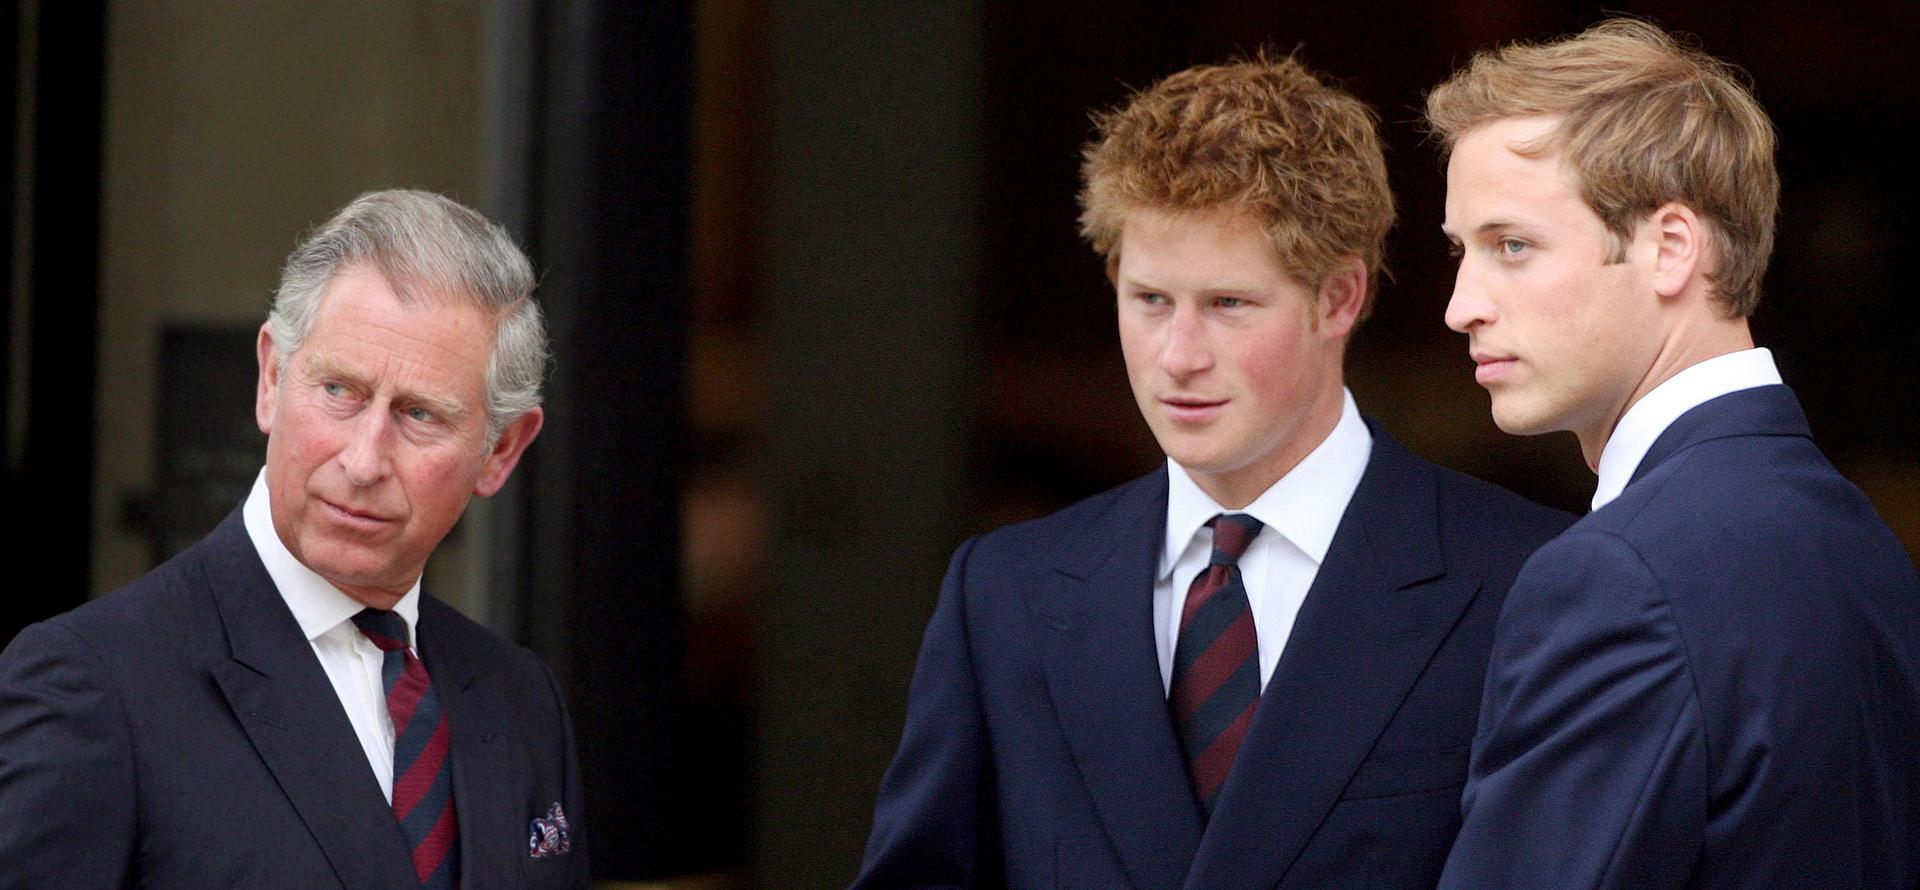 تصريحات الأمير هاري تثير امتعاض وسائل الإعلام في بلاده